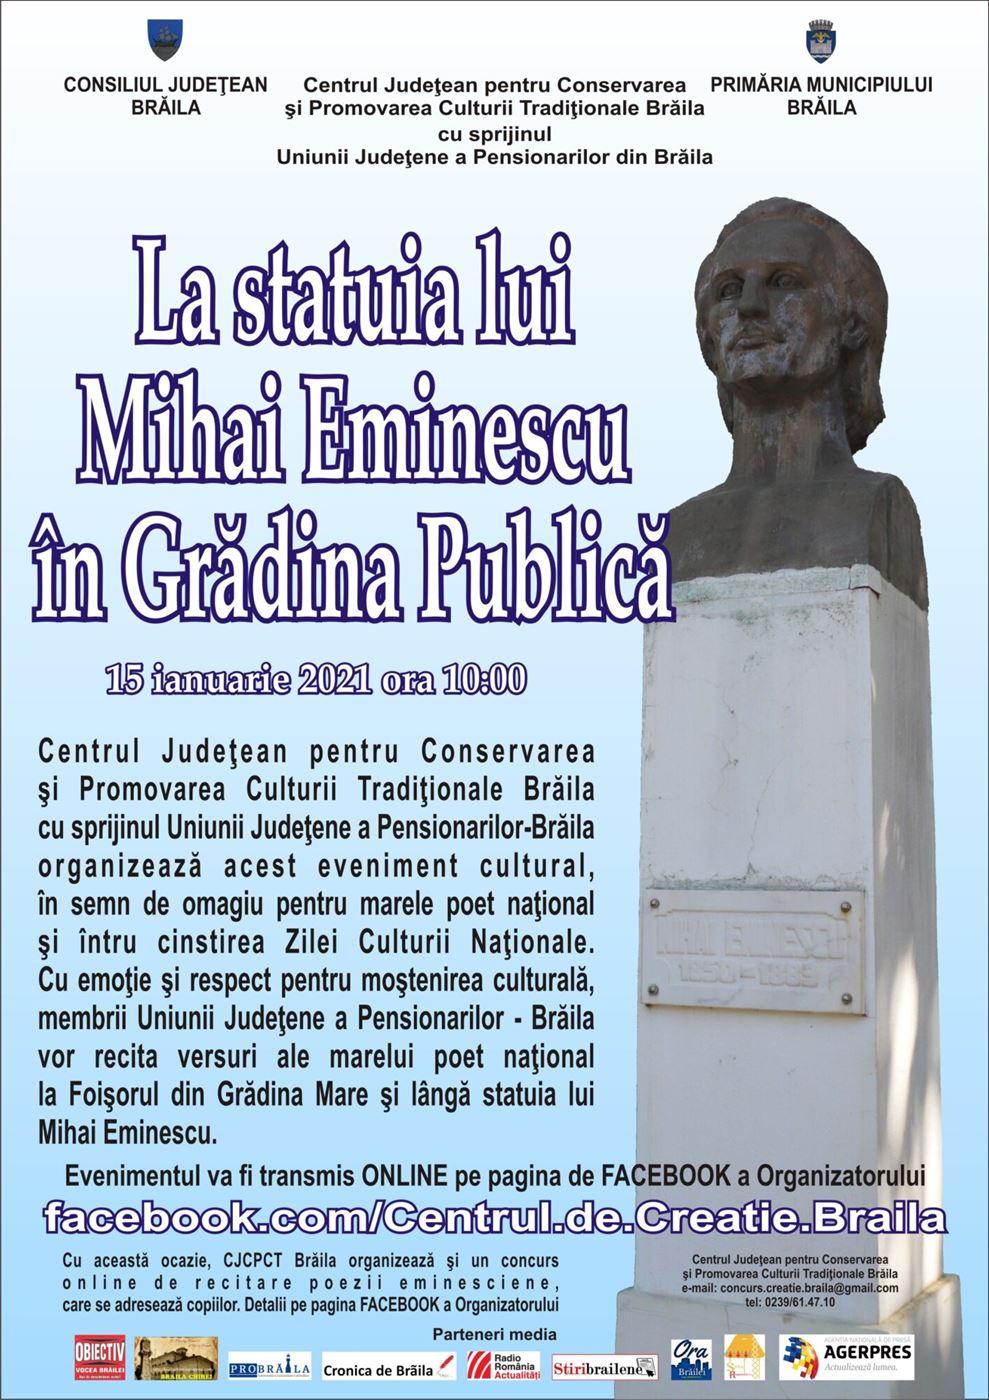 La statuia lui Mihai Eminescu în Grădina Publică